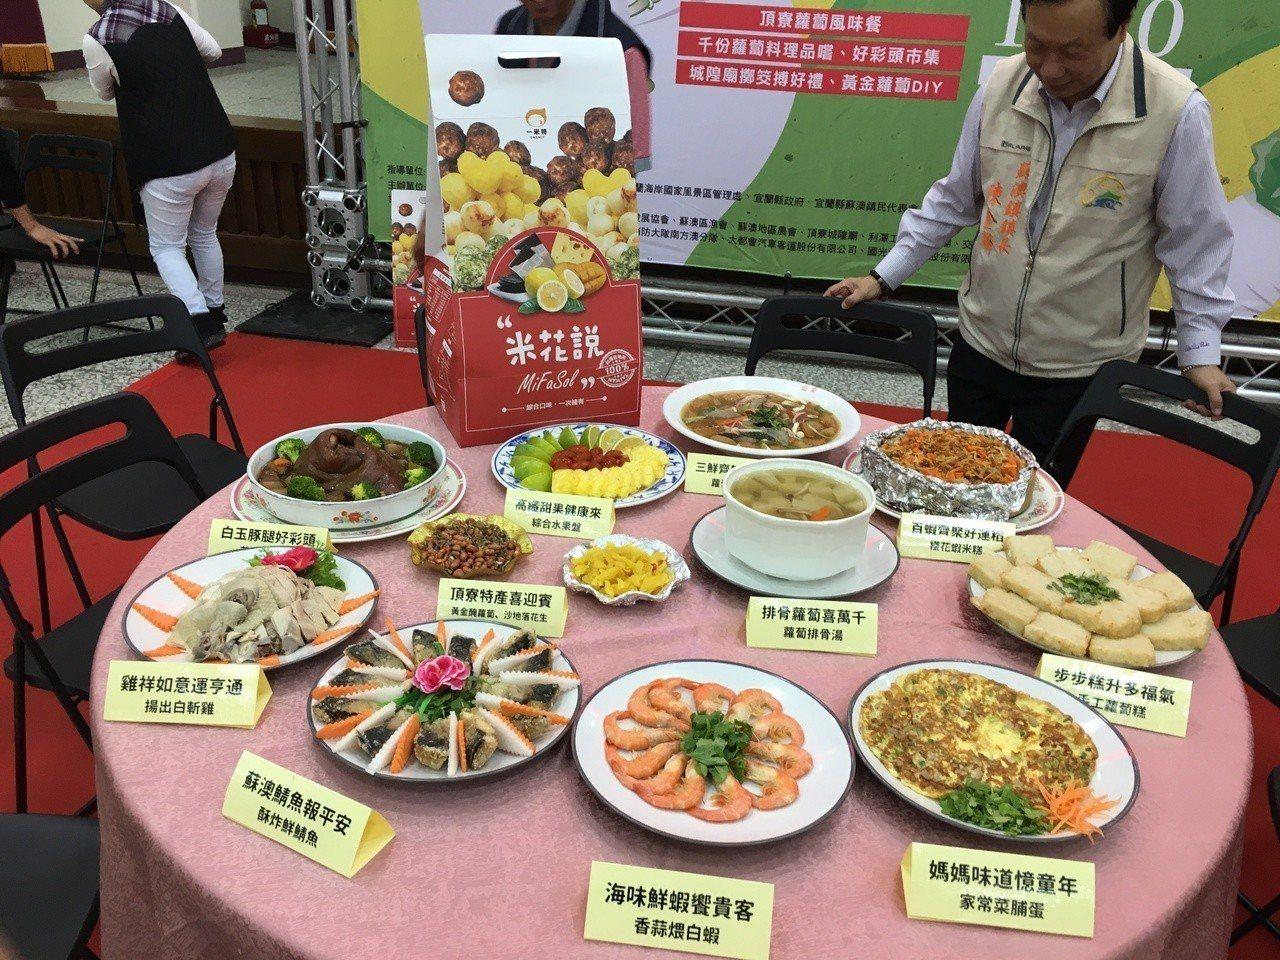 宜蘭縣蘇澳鎮公所推出 「2018蘇澳蘿蔔節」,有美食與活動。圖/蘇澳鎮公所提供